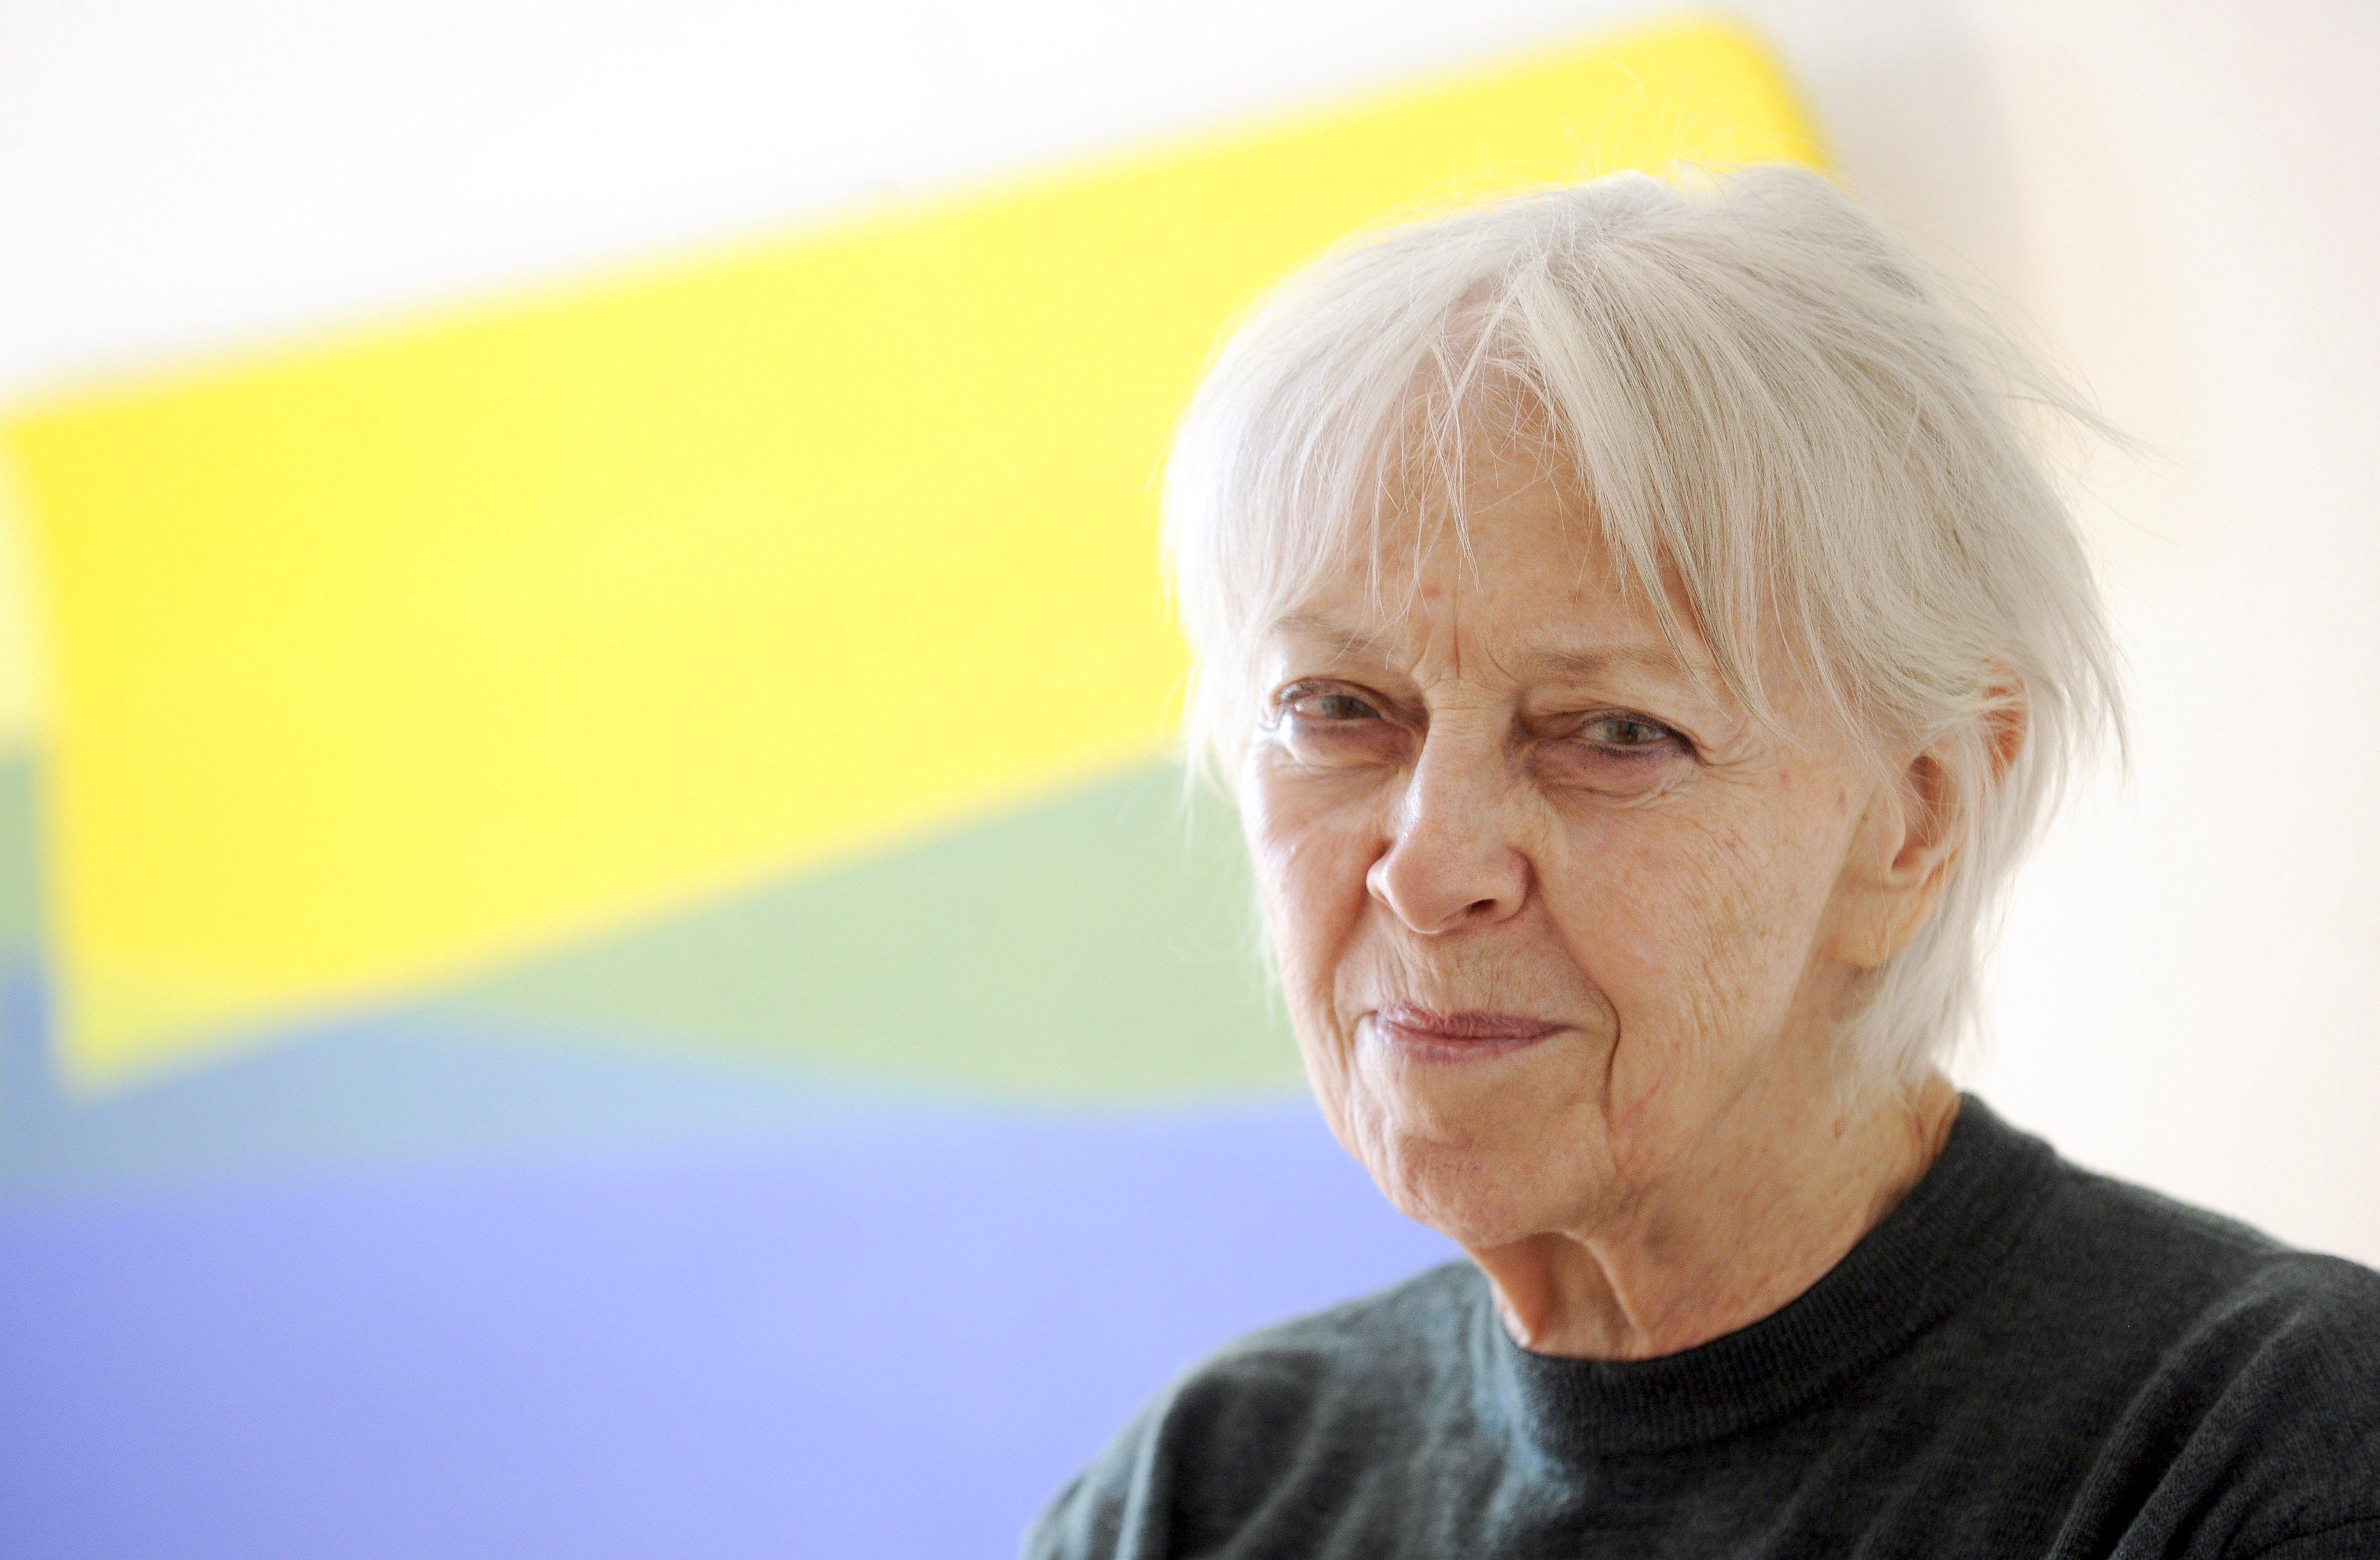 Szenzáció: Maurer Dórának önálló kiállítása nyílik a Tate-ben